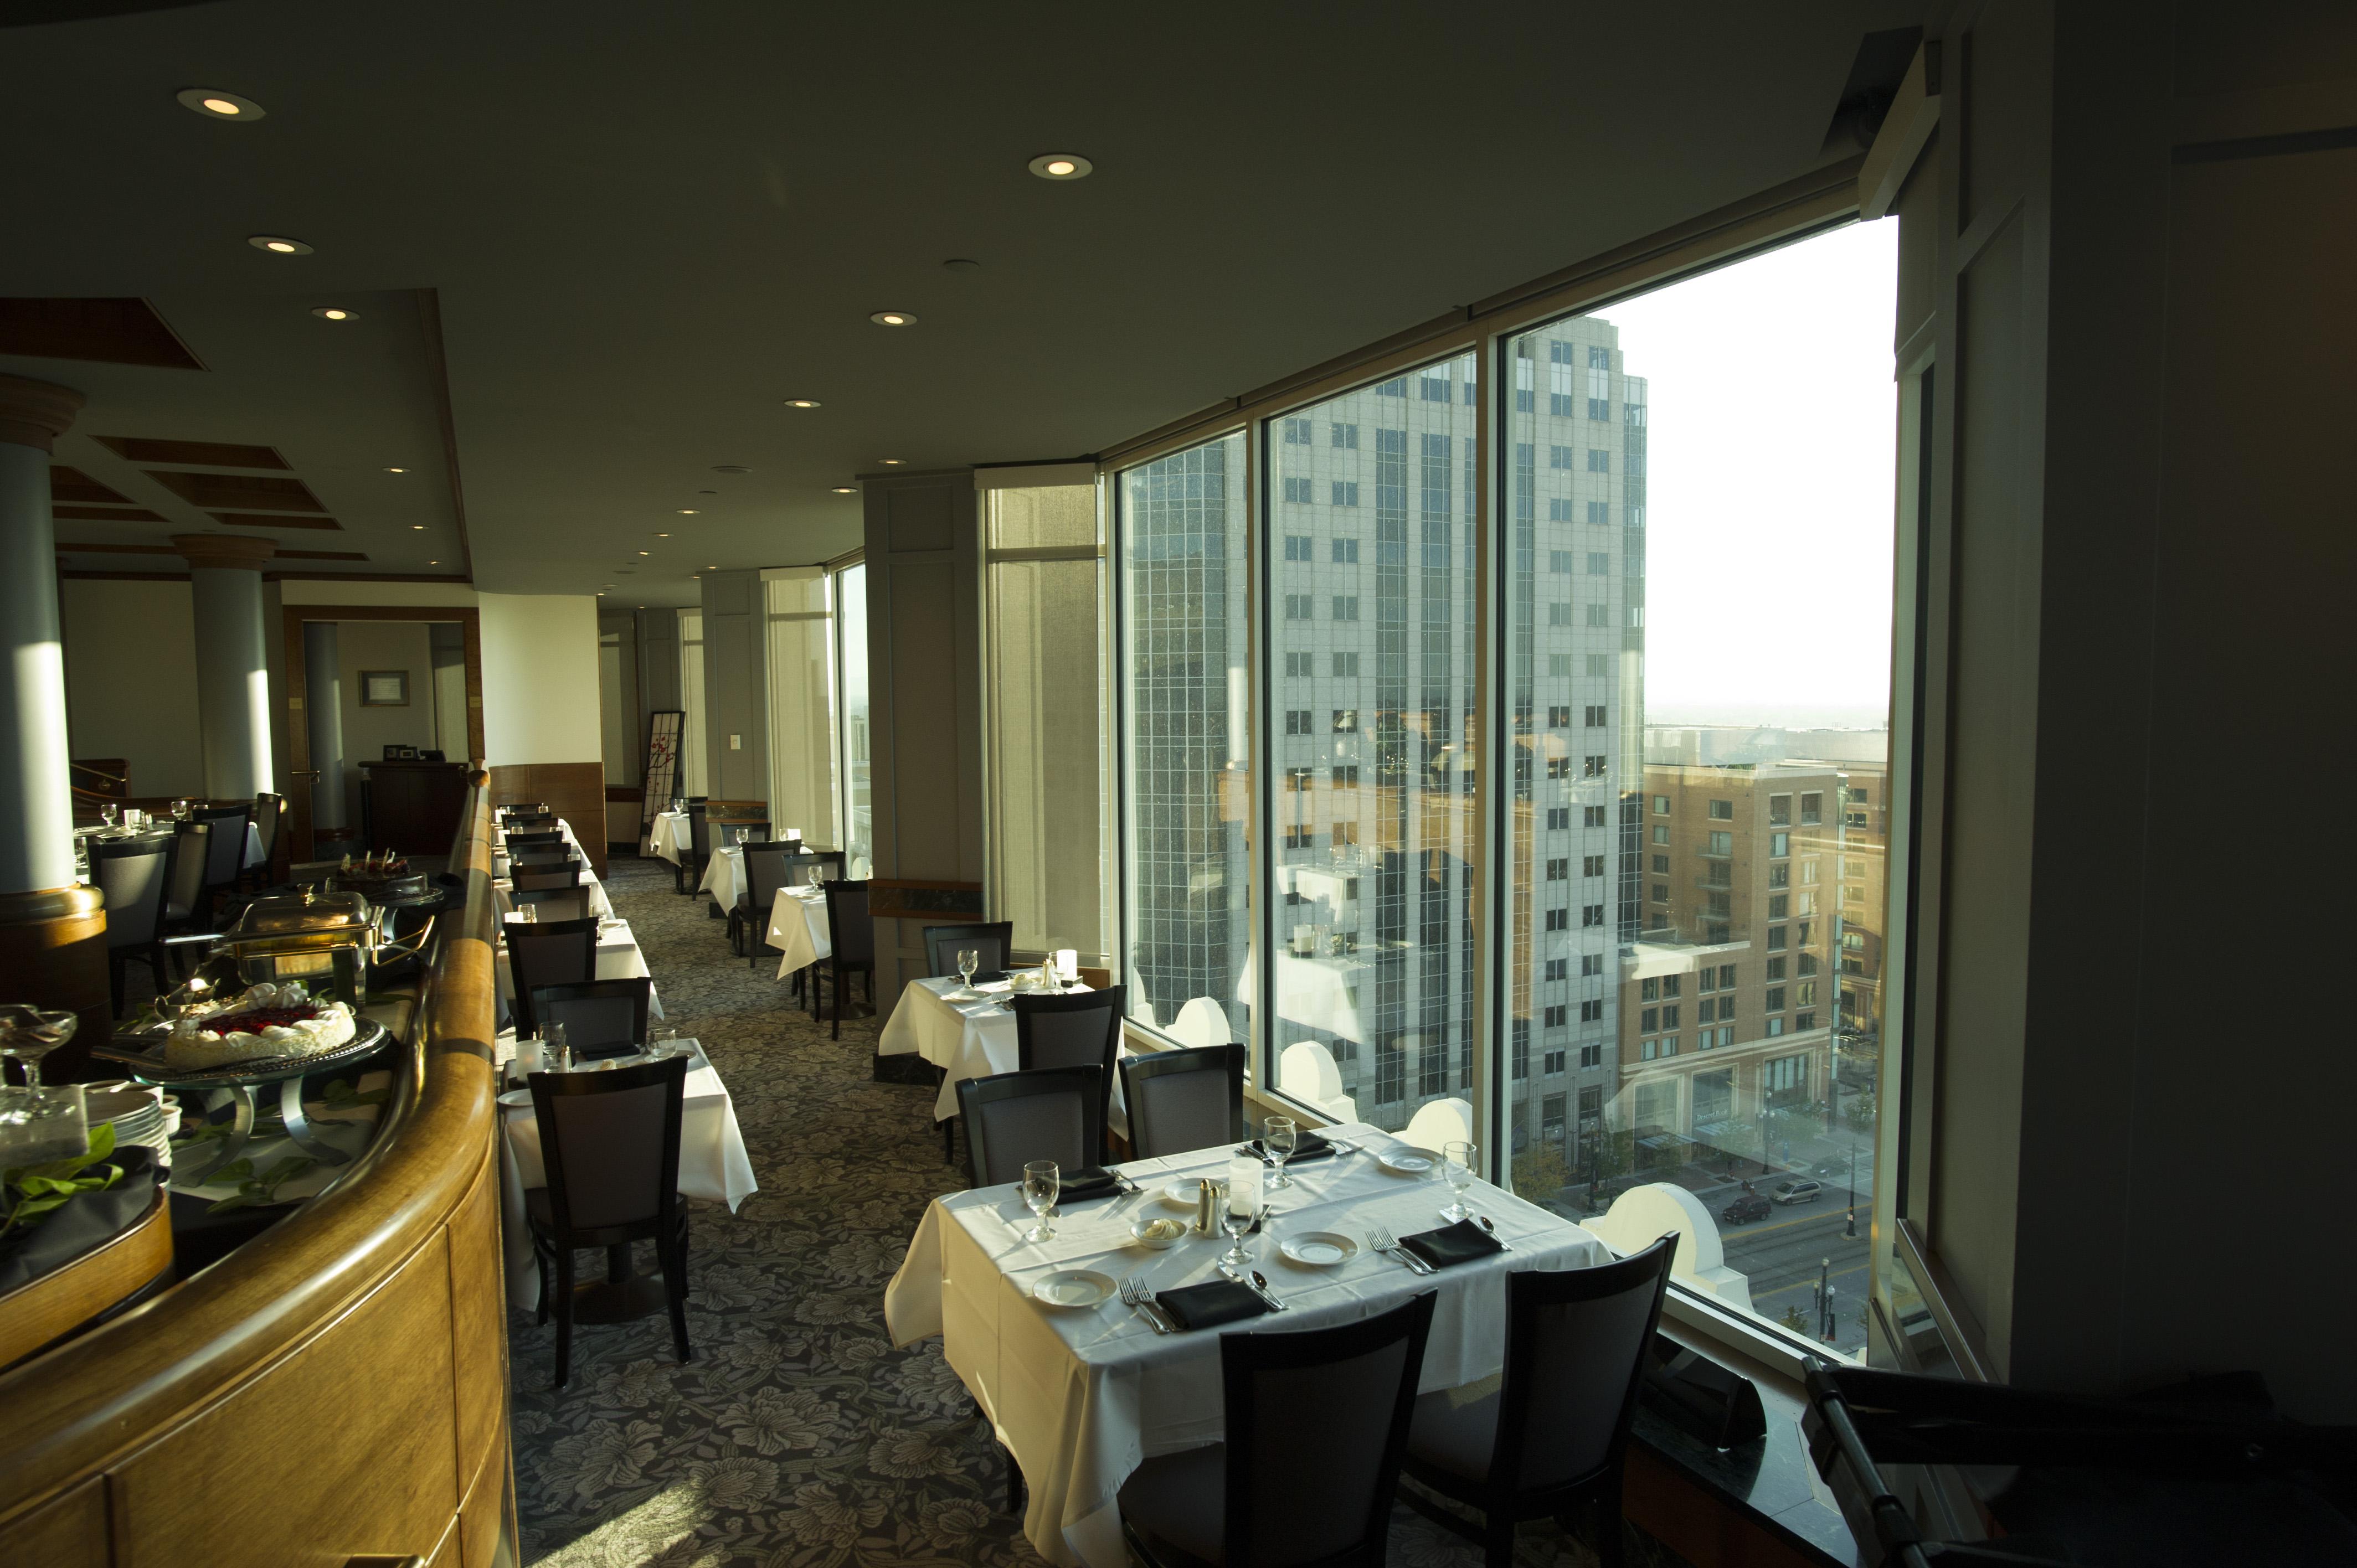 The Roof Restaurant Salt Lake City Ut 84150 American